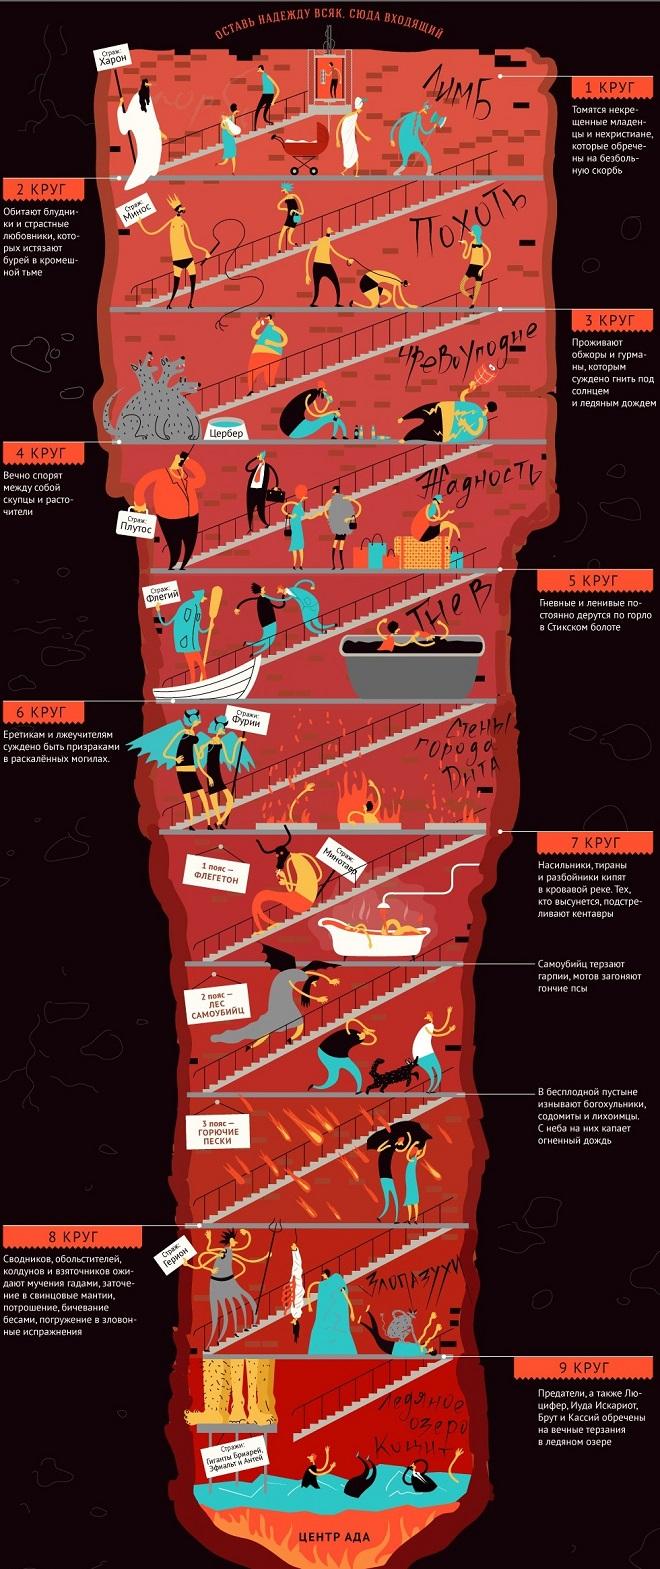 Les 9 Cercles De L'enfer : cercles, l'enfer, Cercles, D'Ada, Dante, Lisent., Quels, L'enfer